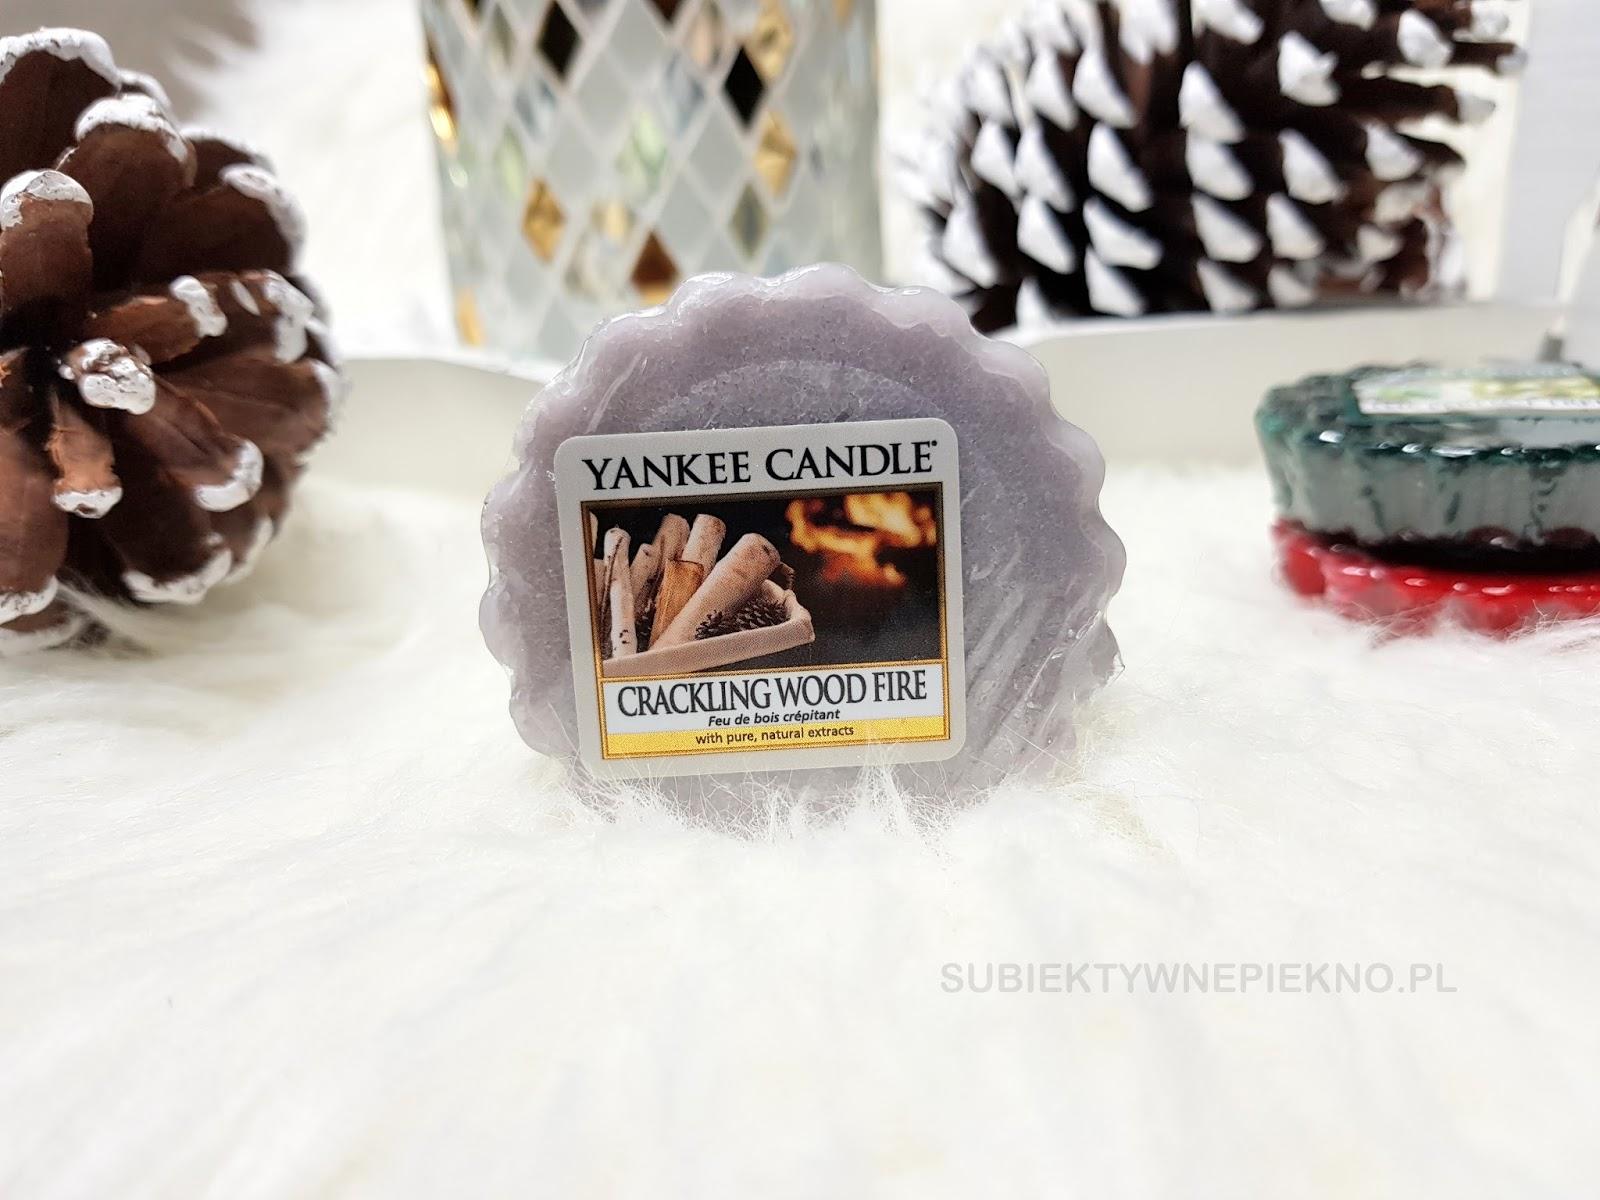 Crackling Wood Fire Yankee Candle | Zimowa kolekcja Q4 2017